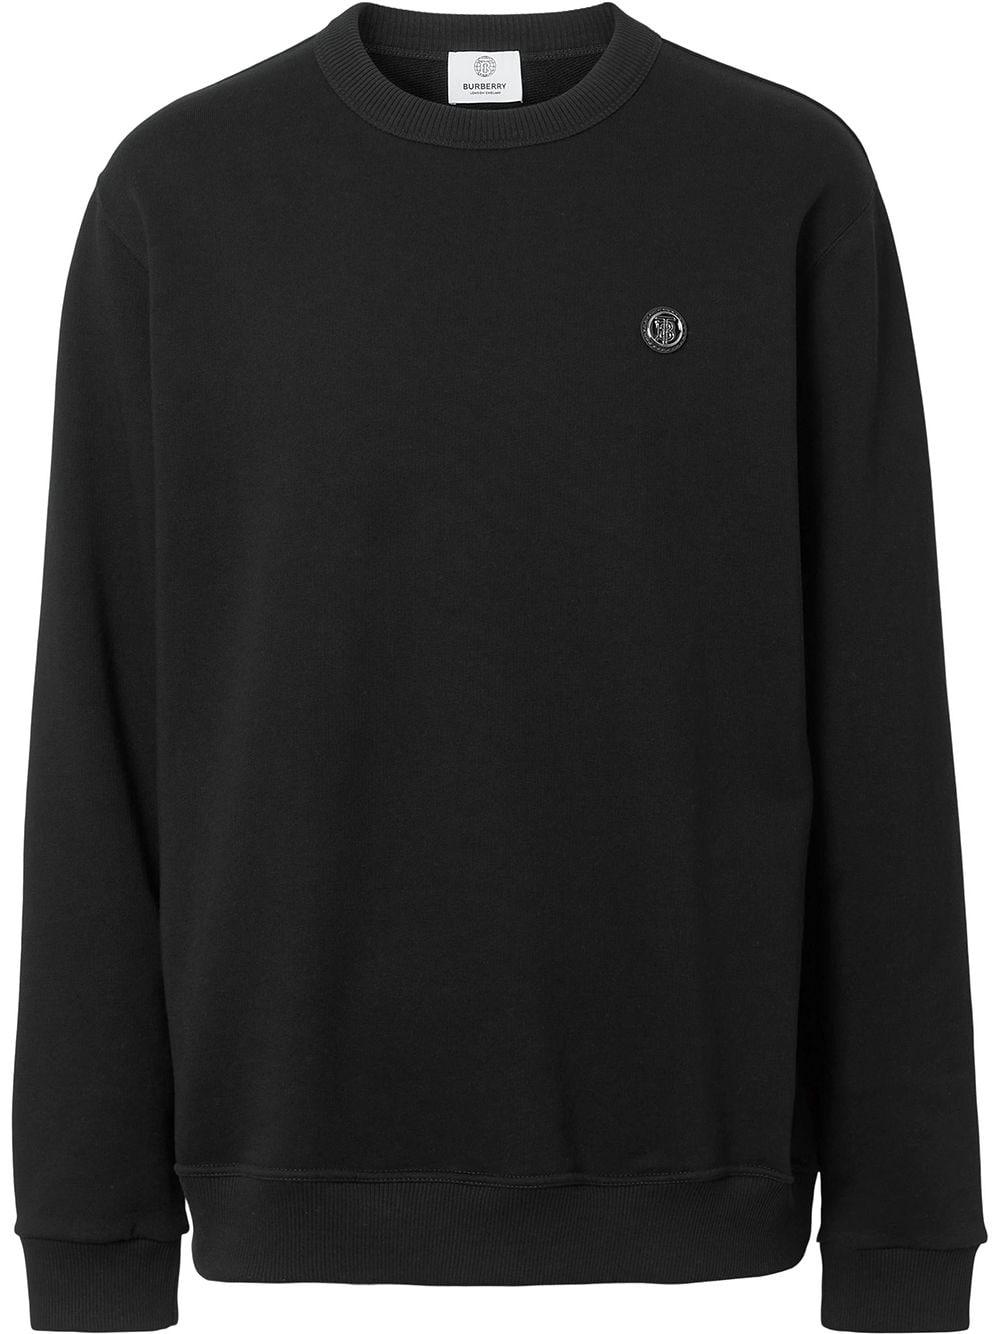 Burberry monogram-appliqué sweatshirt - Schwarz